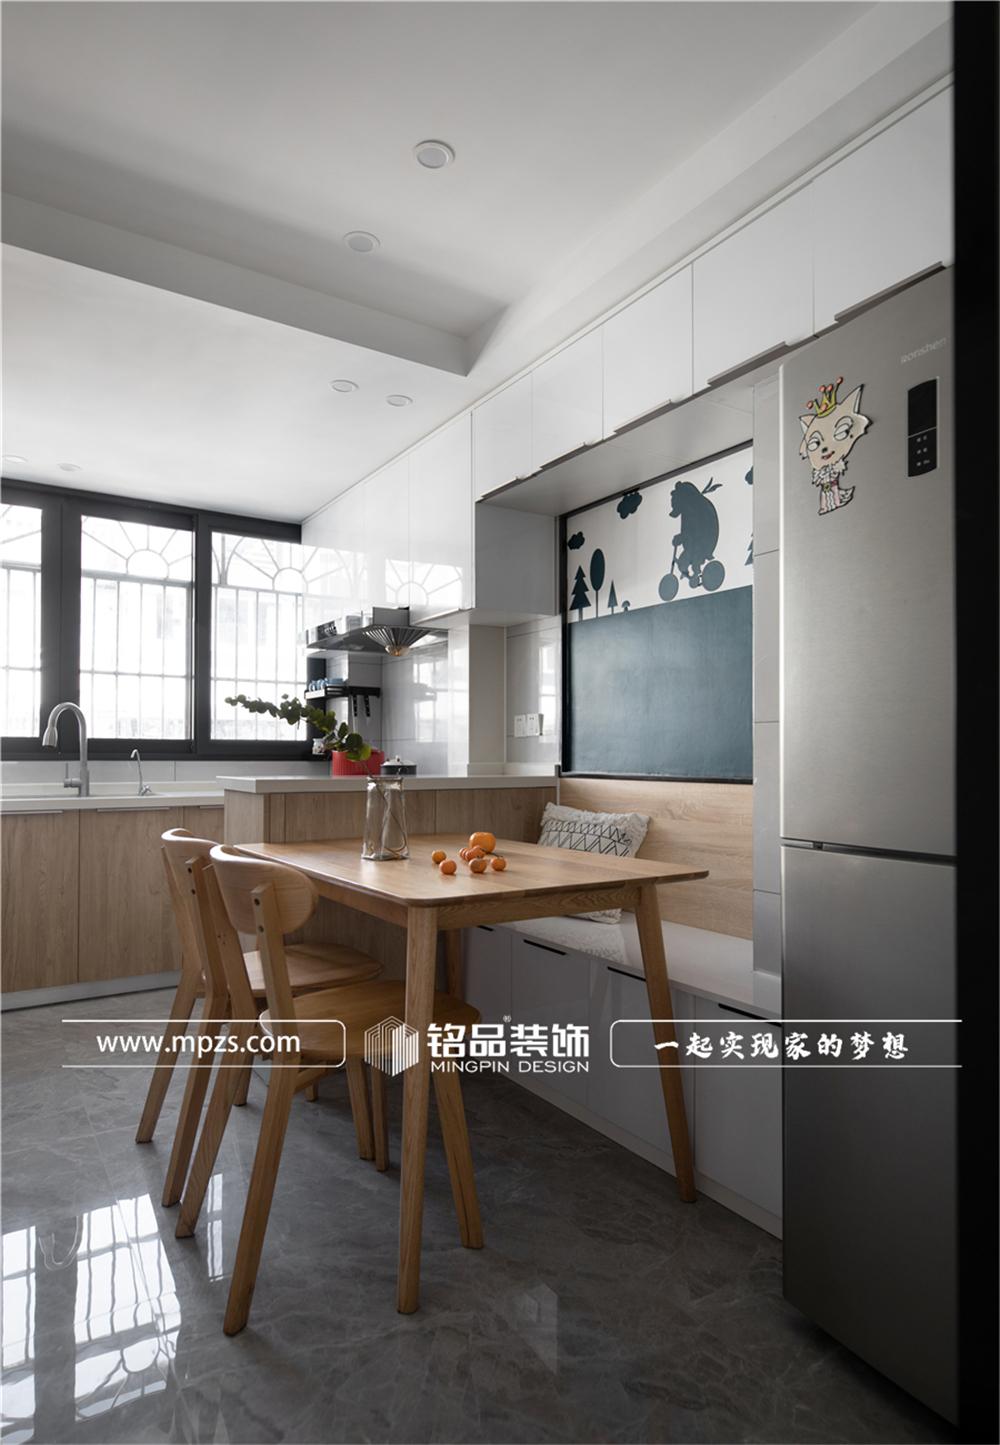 杭州下城区兴和公寓【老房改造装修】【北欧风格】90平方米 (3)